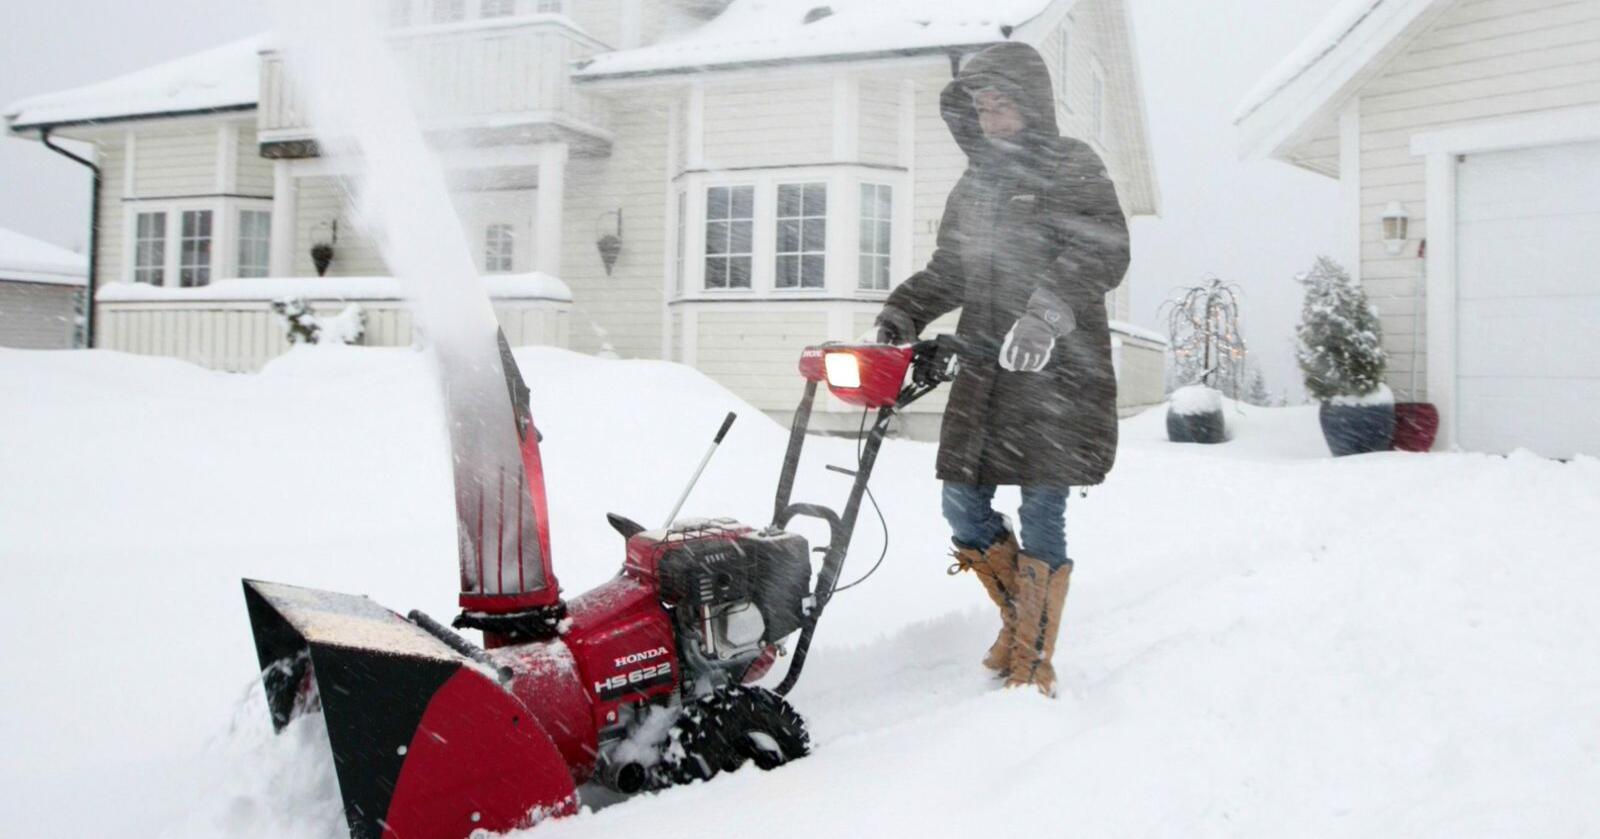 Sesongbasert krangling er typisk norsk, og om vinteren tilter folk fullstendig om naboen måker snøen over på deres eiendom. Det er ikke greit. Illustrasjonsfoto: Bjørn Sigurdsøn/NTB